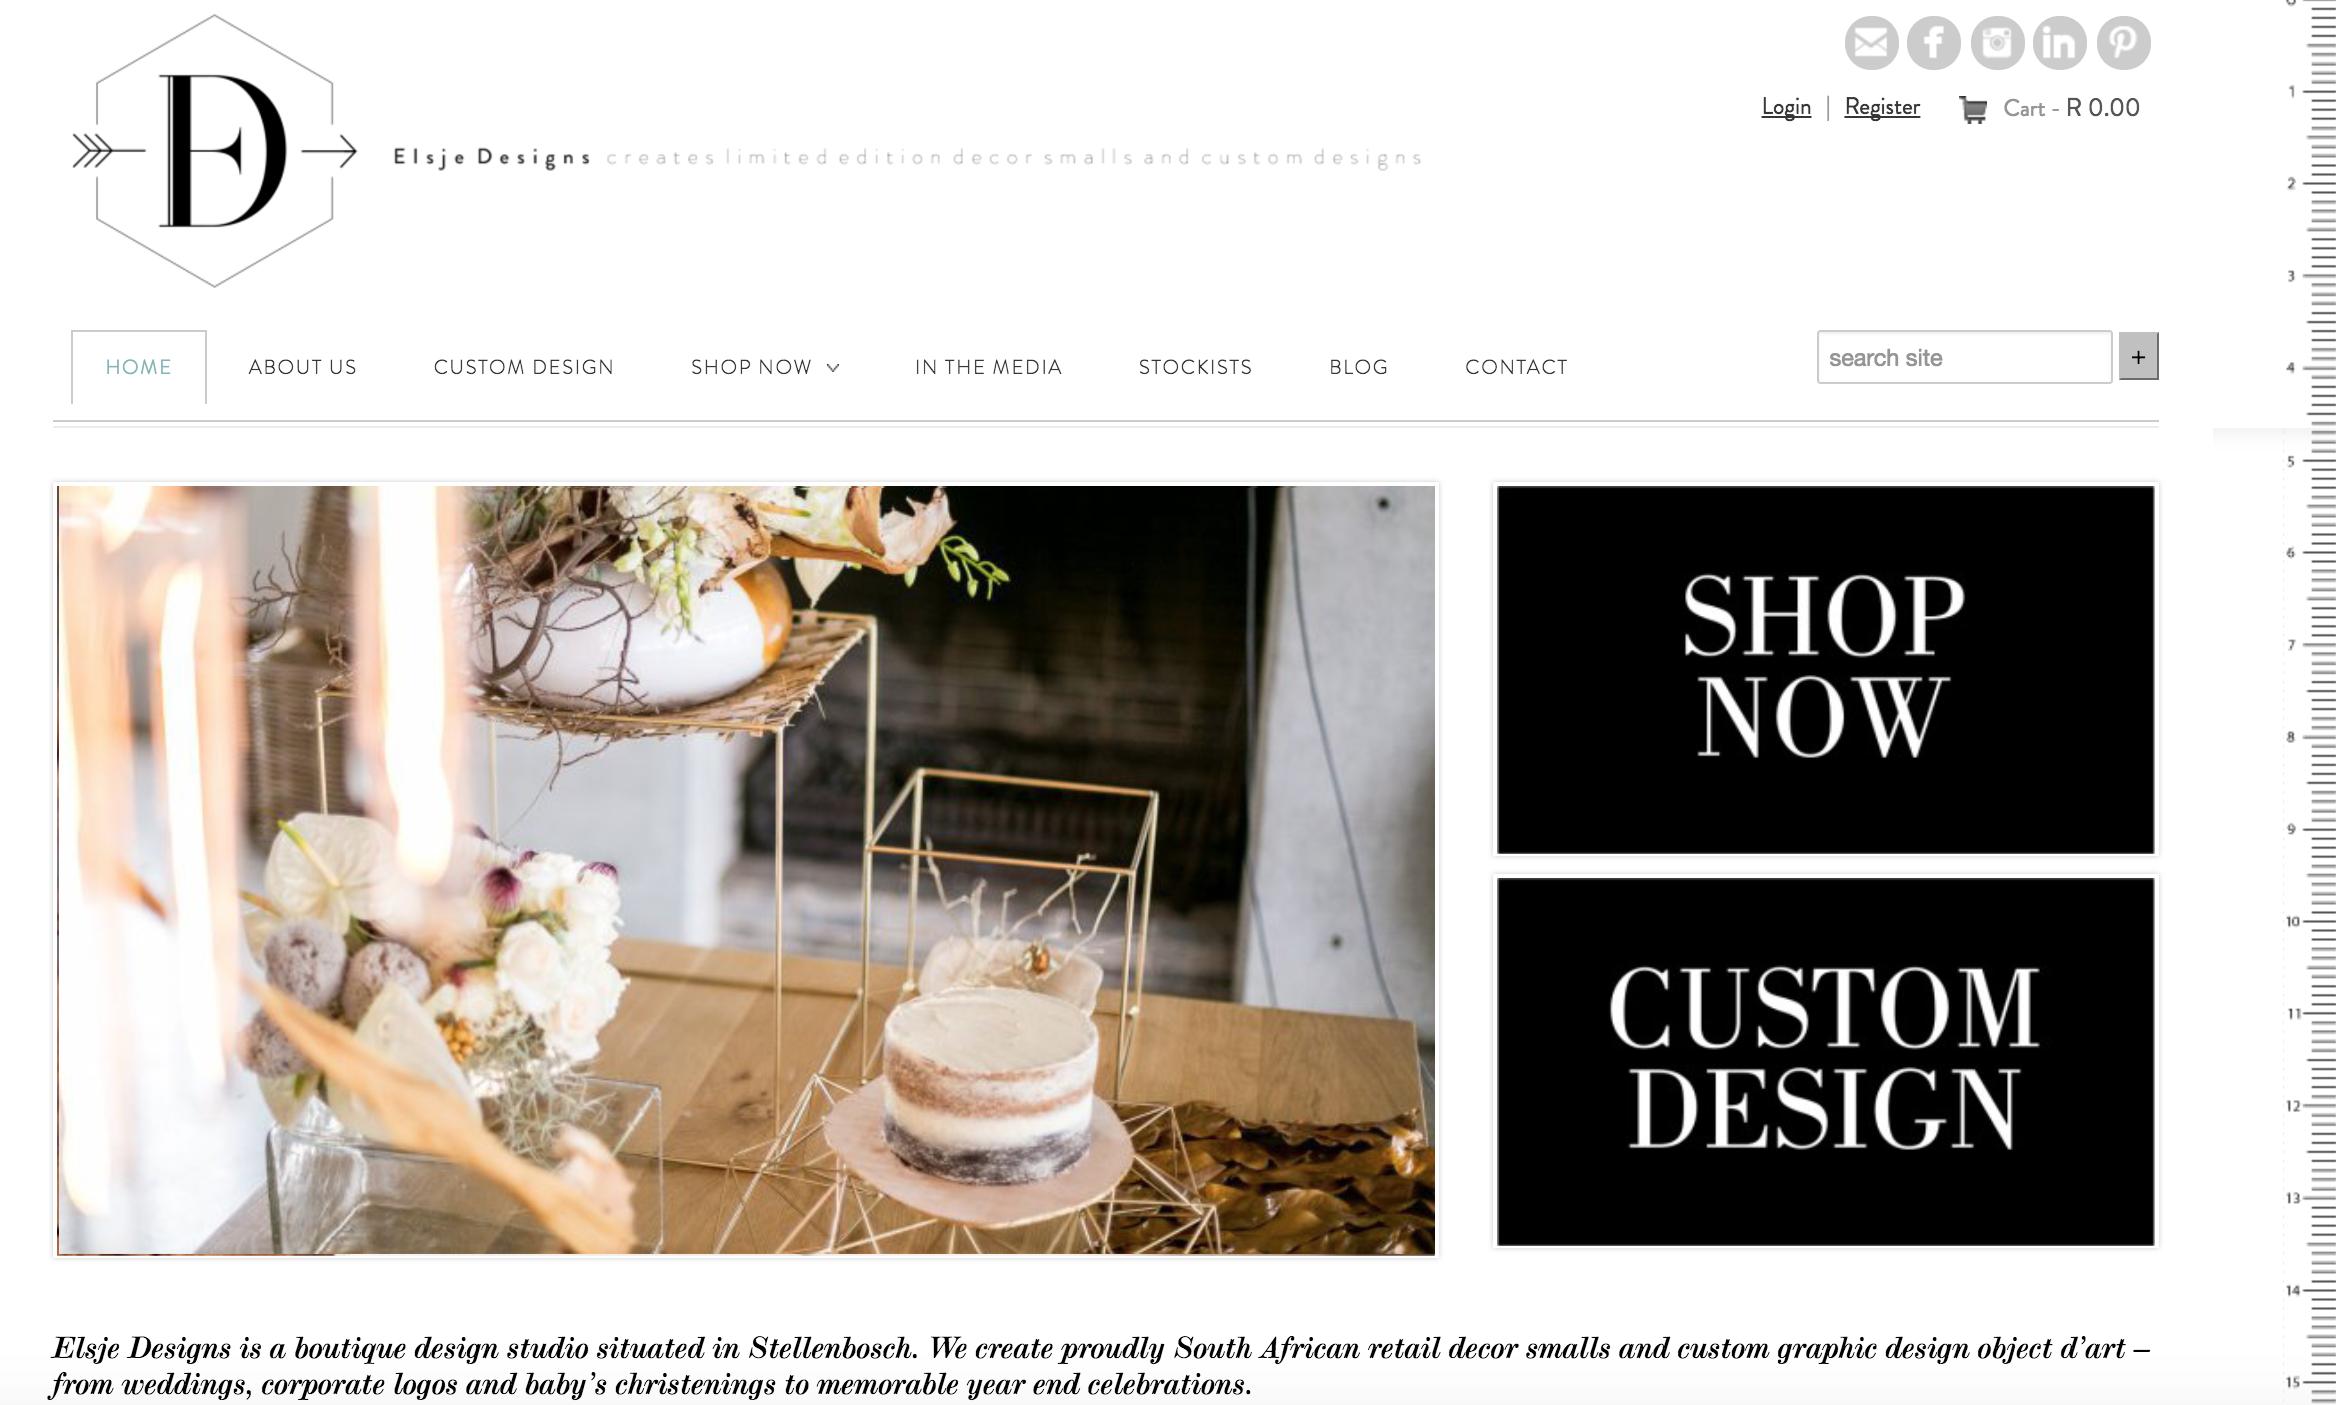 Elsje Design & Decor Studio